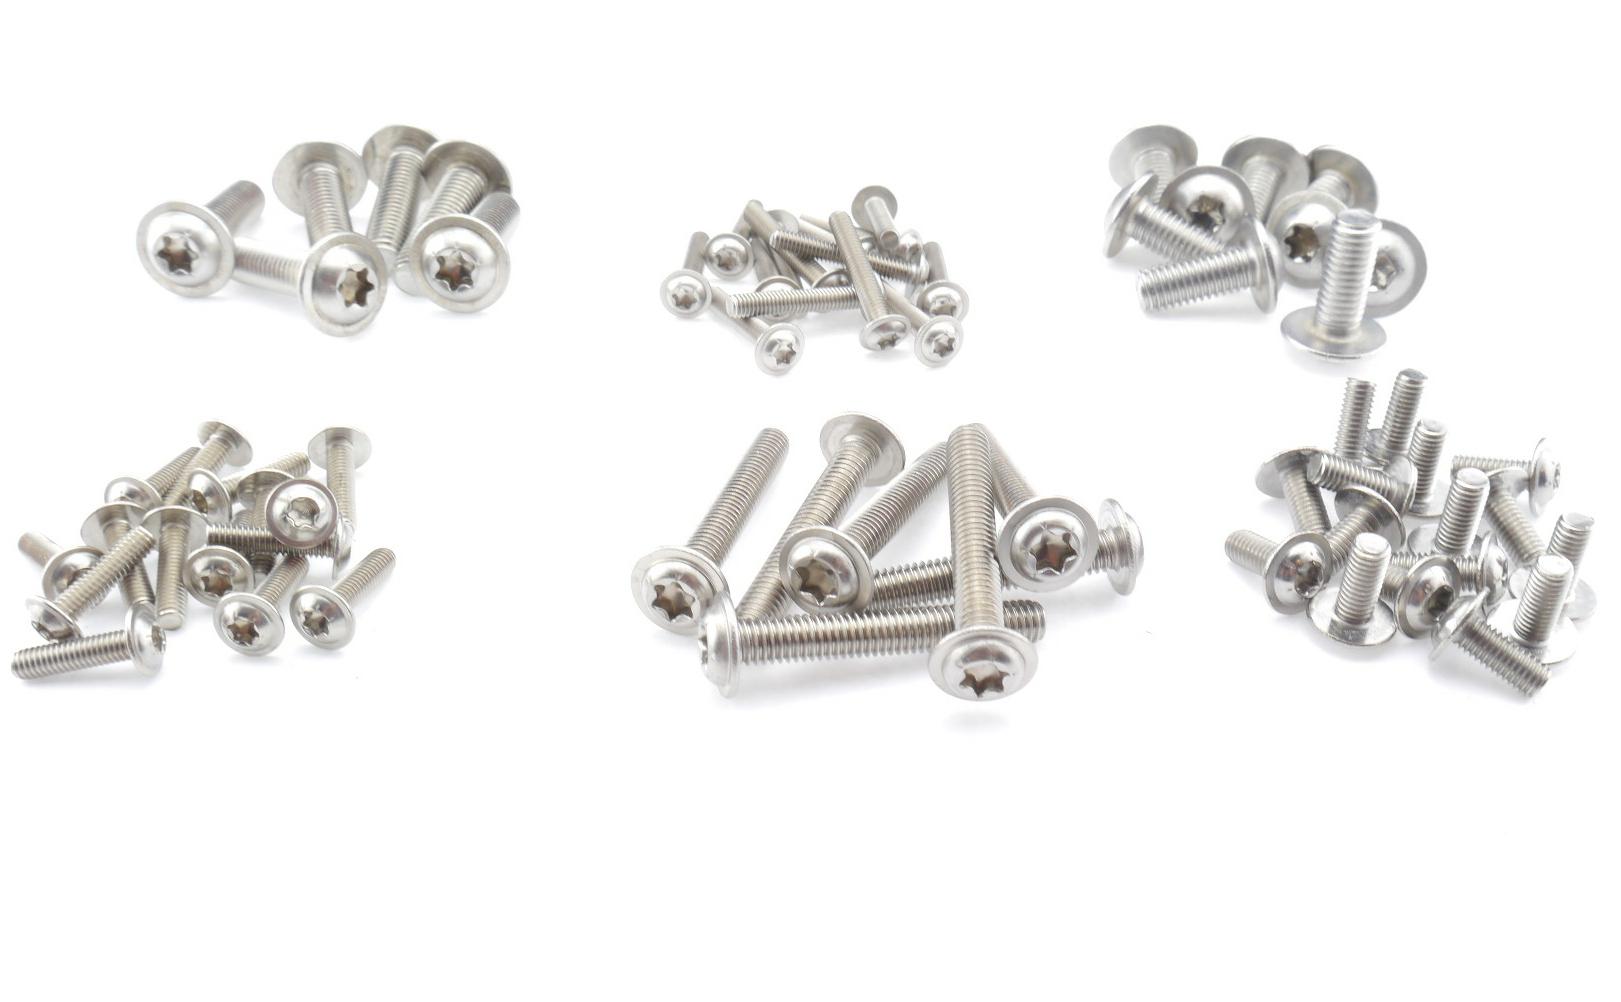 Linsenkopfschrauben ISO 7380 TORX Edelstahl A2 M4 verschiedene Längen